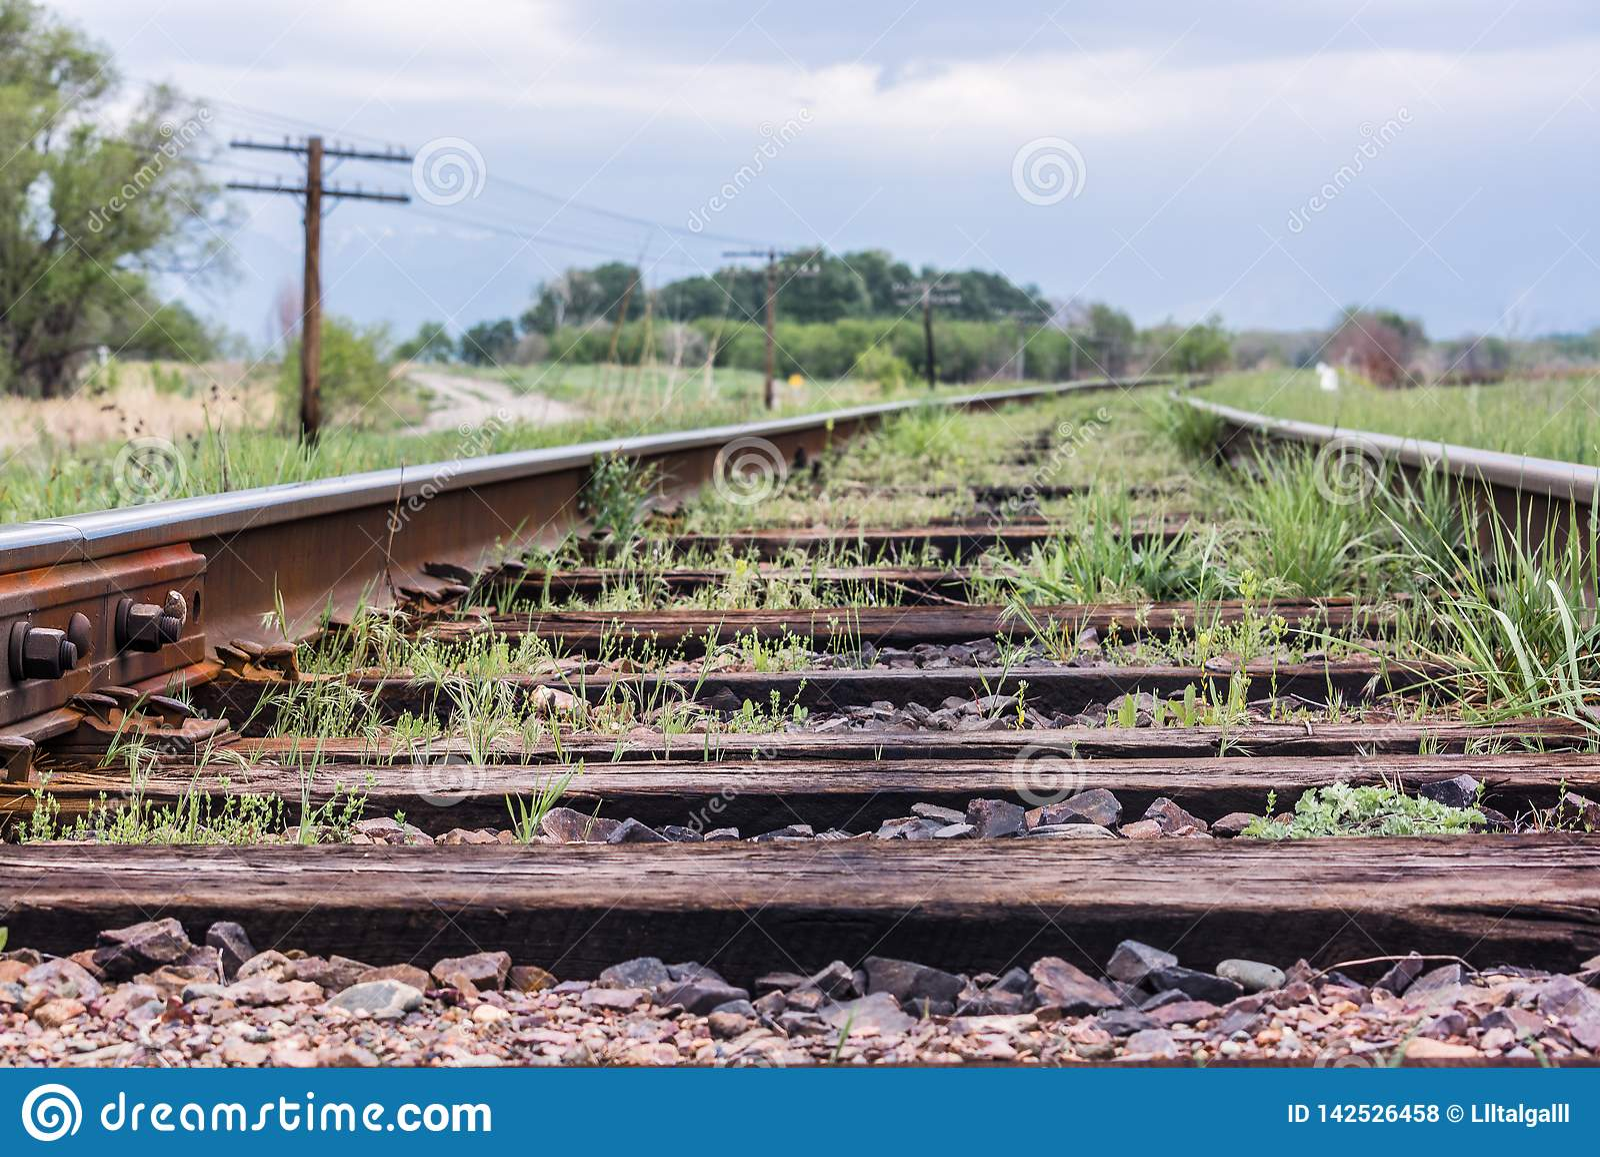 Rail. Nature in Tekeli. Spring.